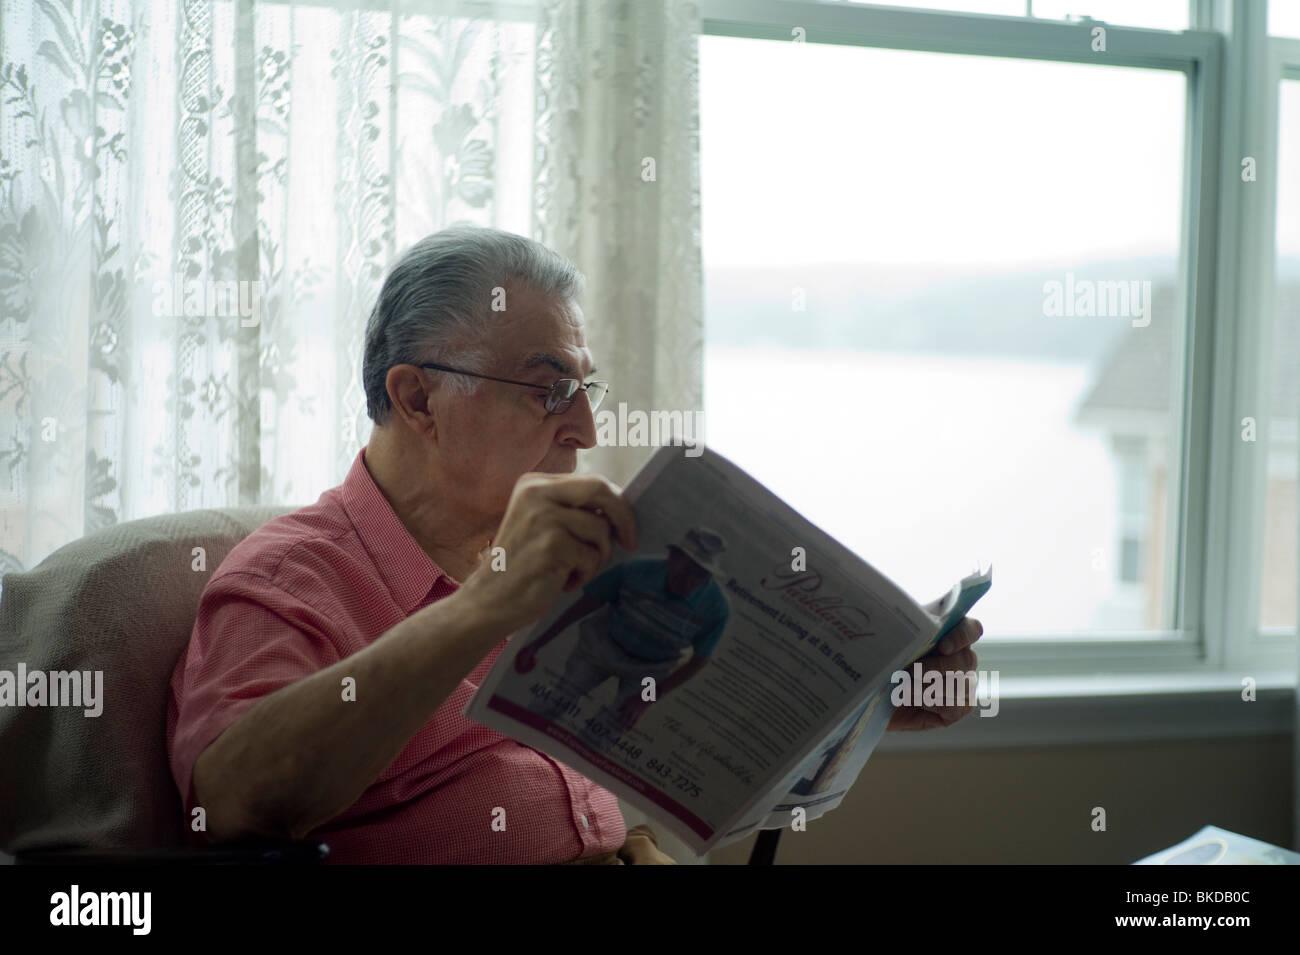 Vieil homme est assis dans la salle de séjour fauteuil par fenêtre, lisant le journal. Photo Stock